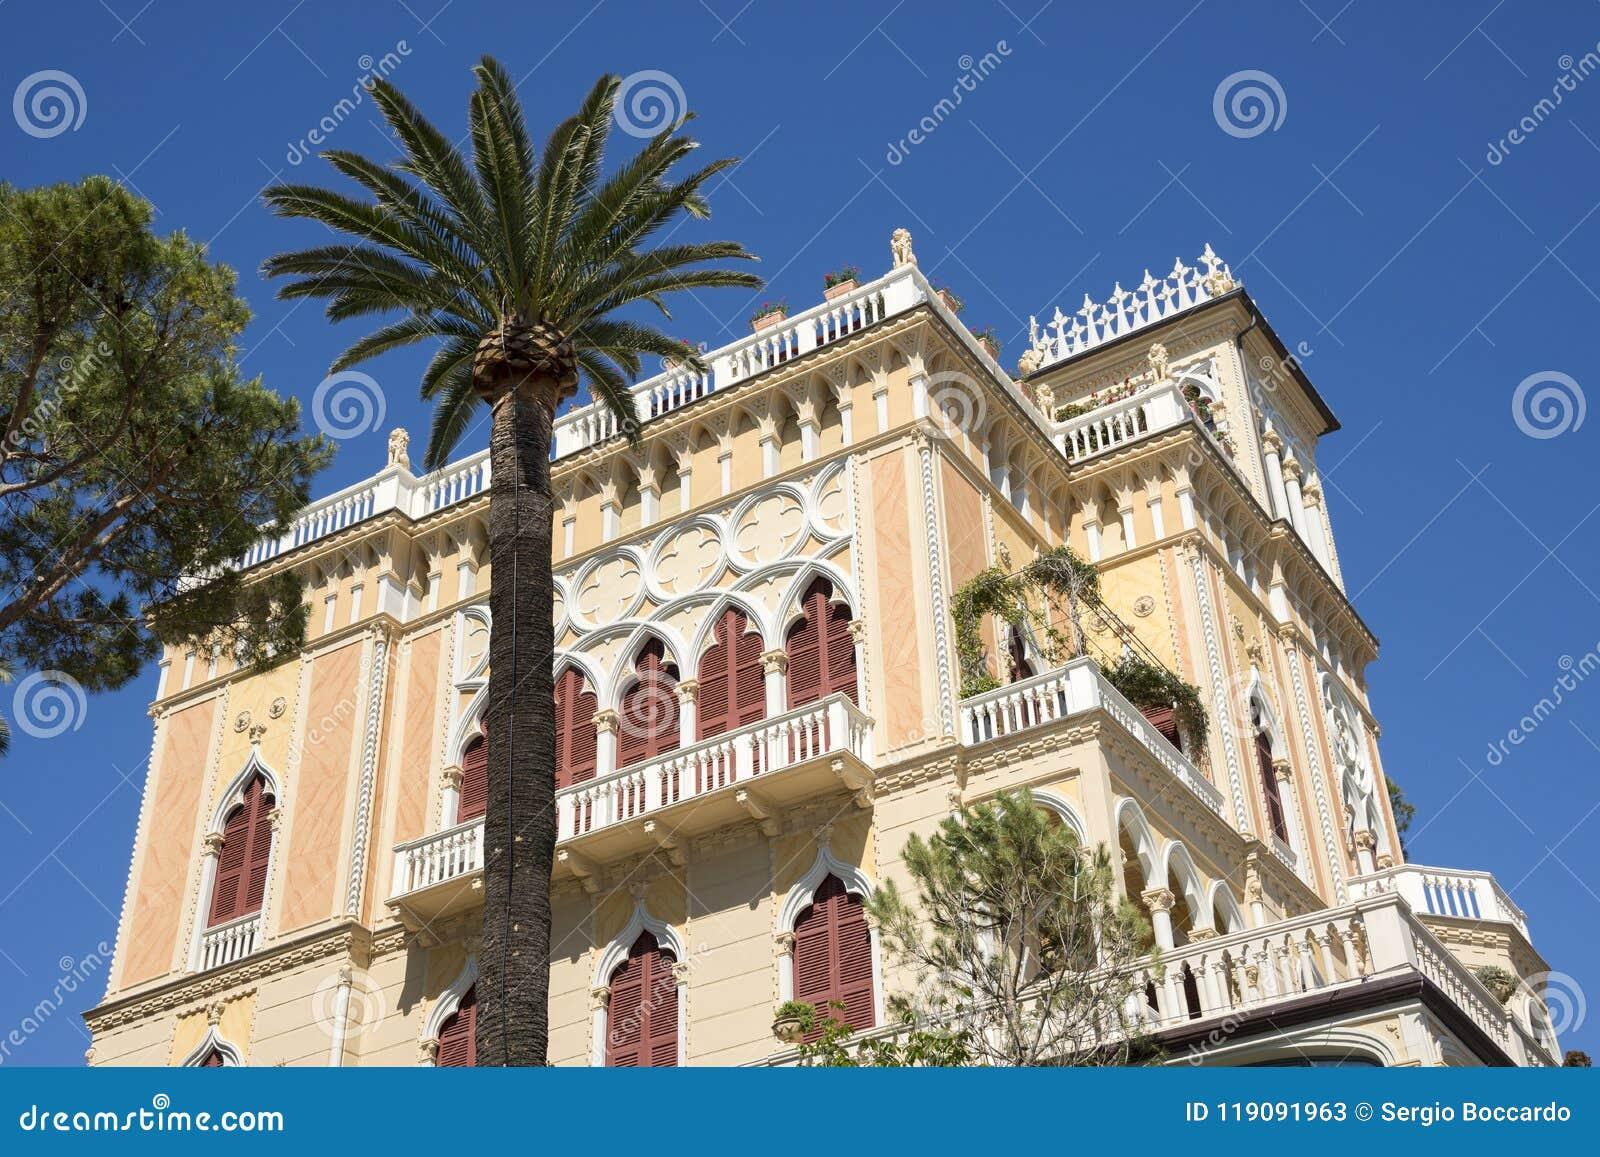 Paysages, maisons et villas sur la mer le long de la côte de Portofino